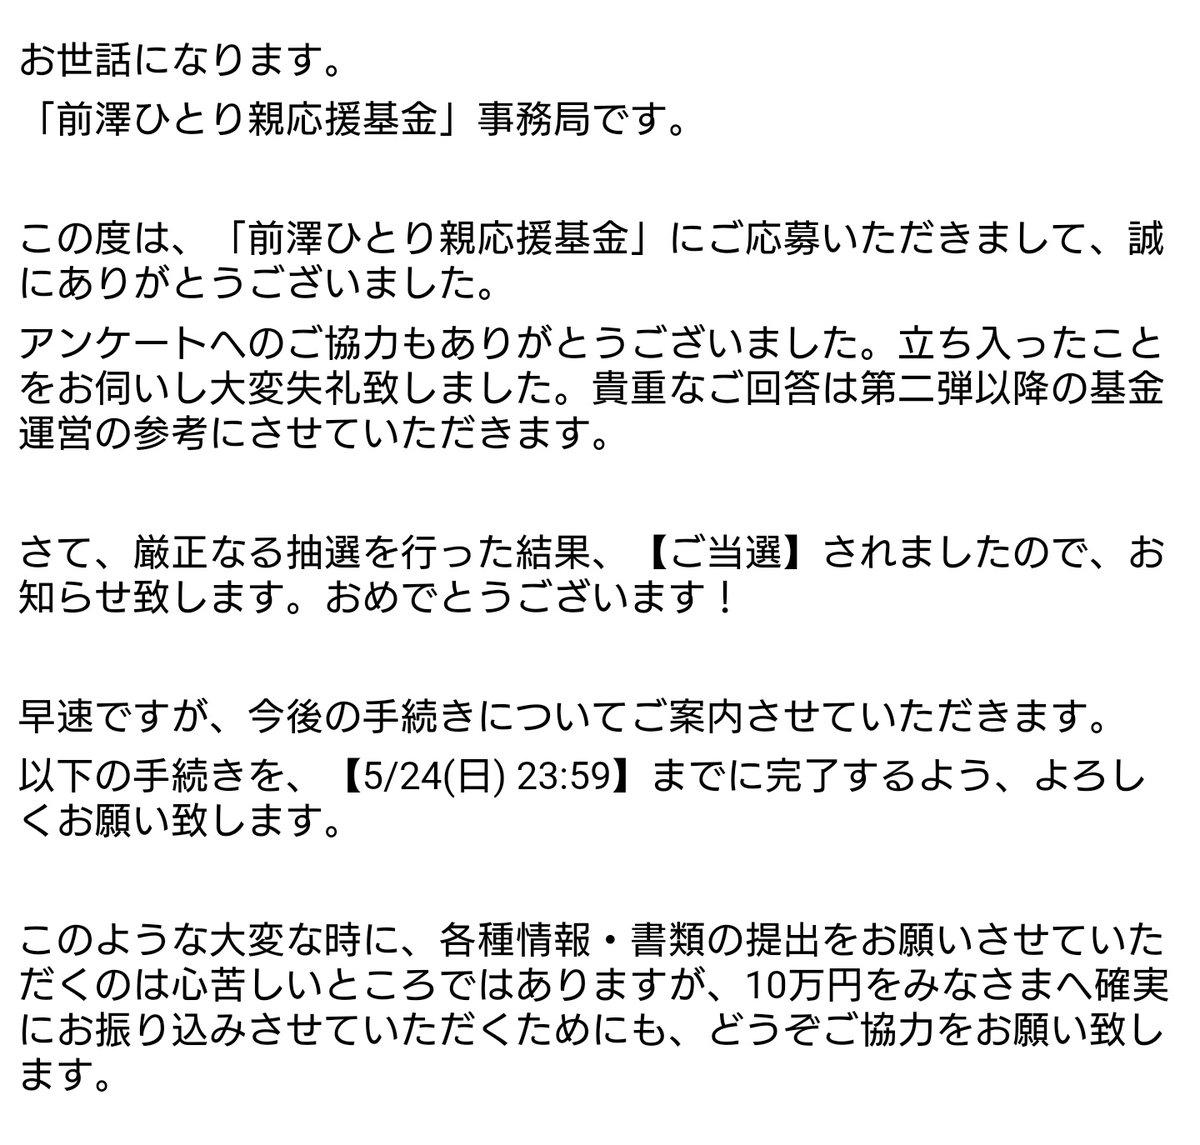 親 基金 応援 ひとり 前澤 前澤友作氏、1人10万円を配る「ひとり親応援基金」を開設 婚活ニュース